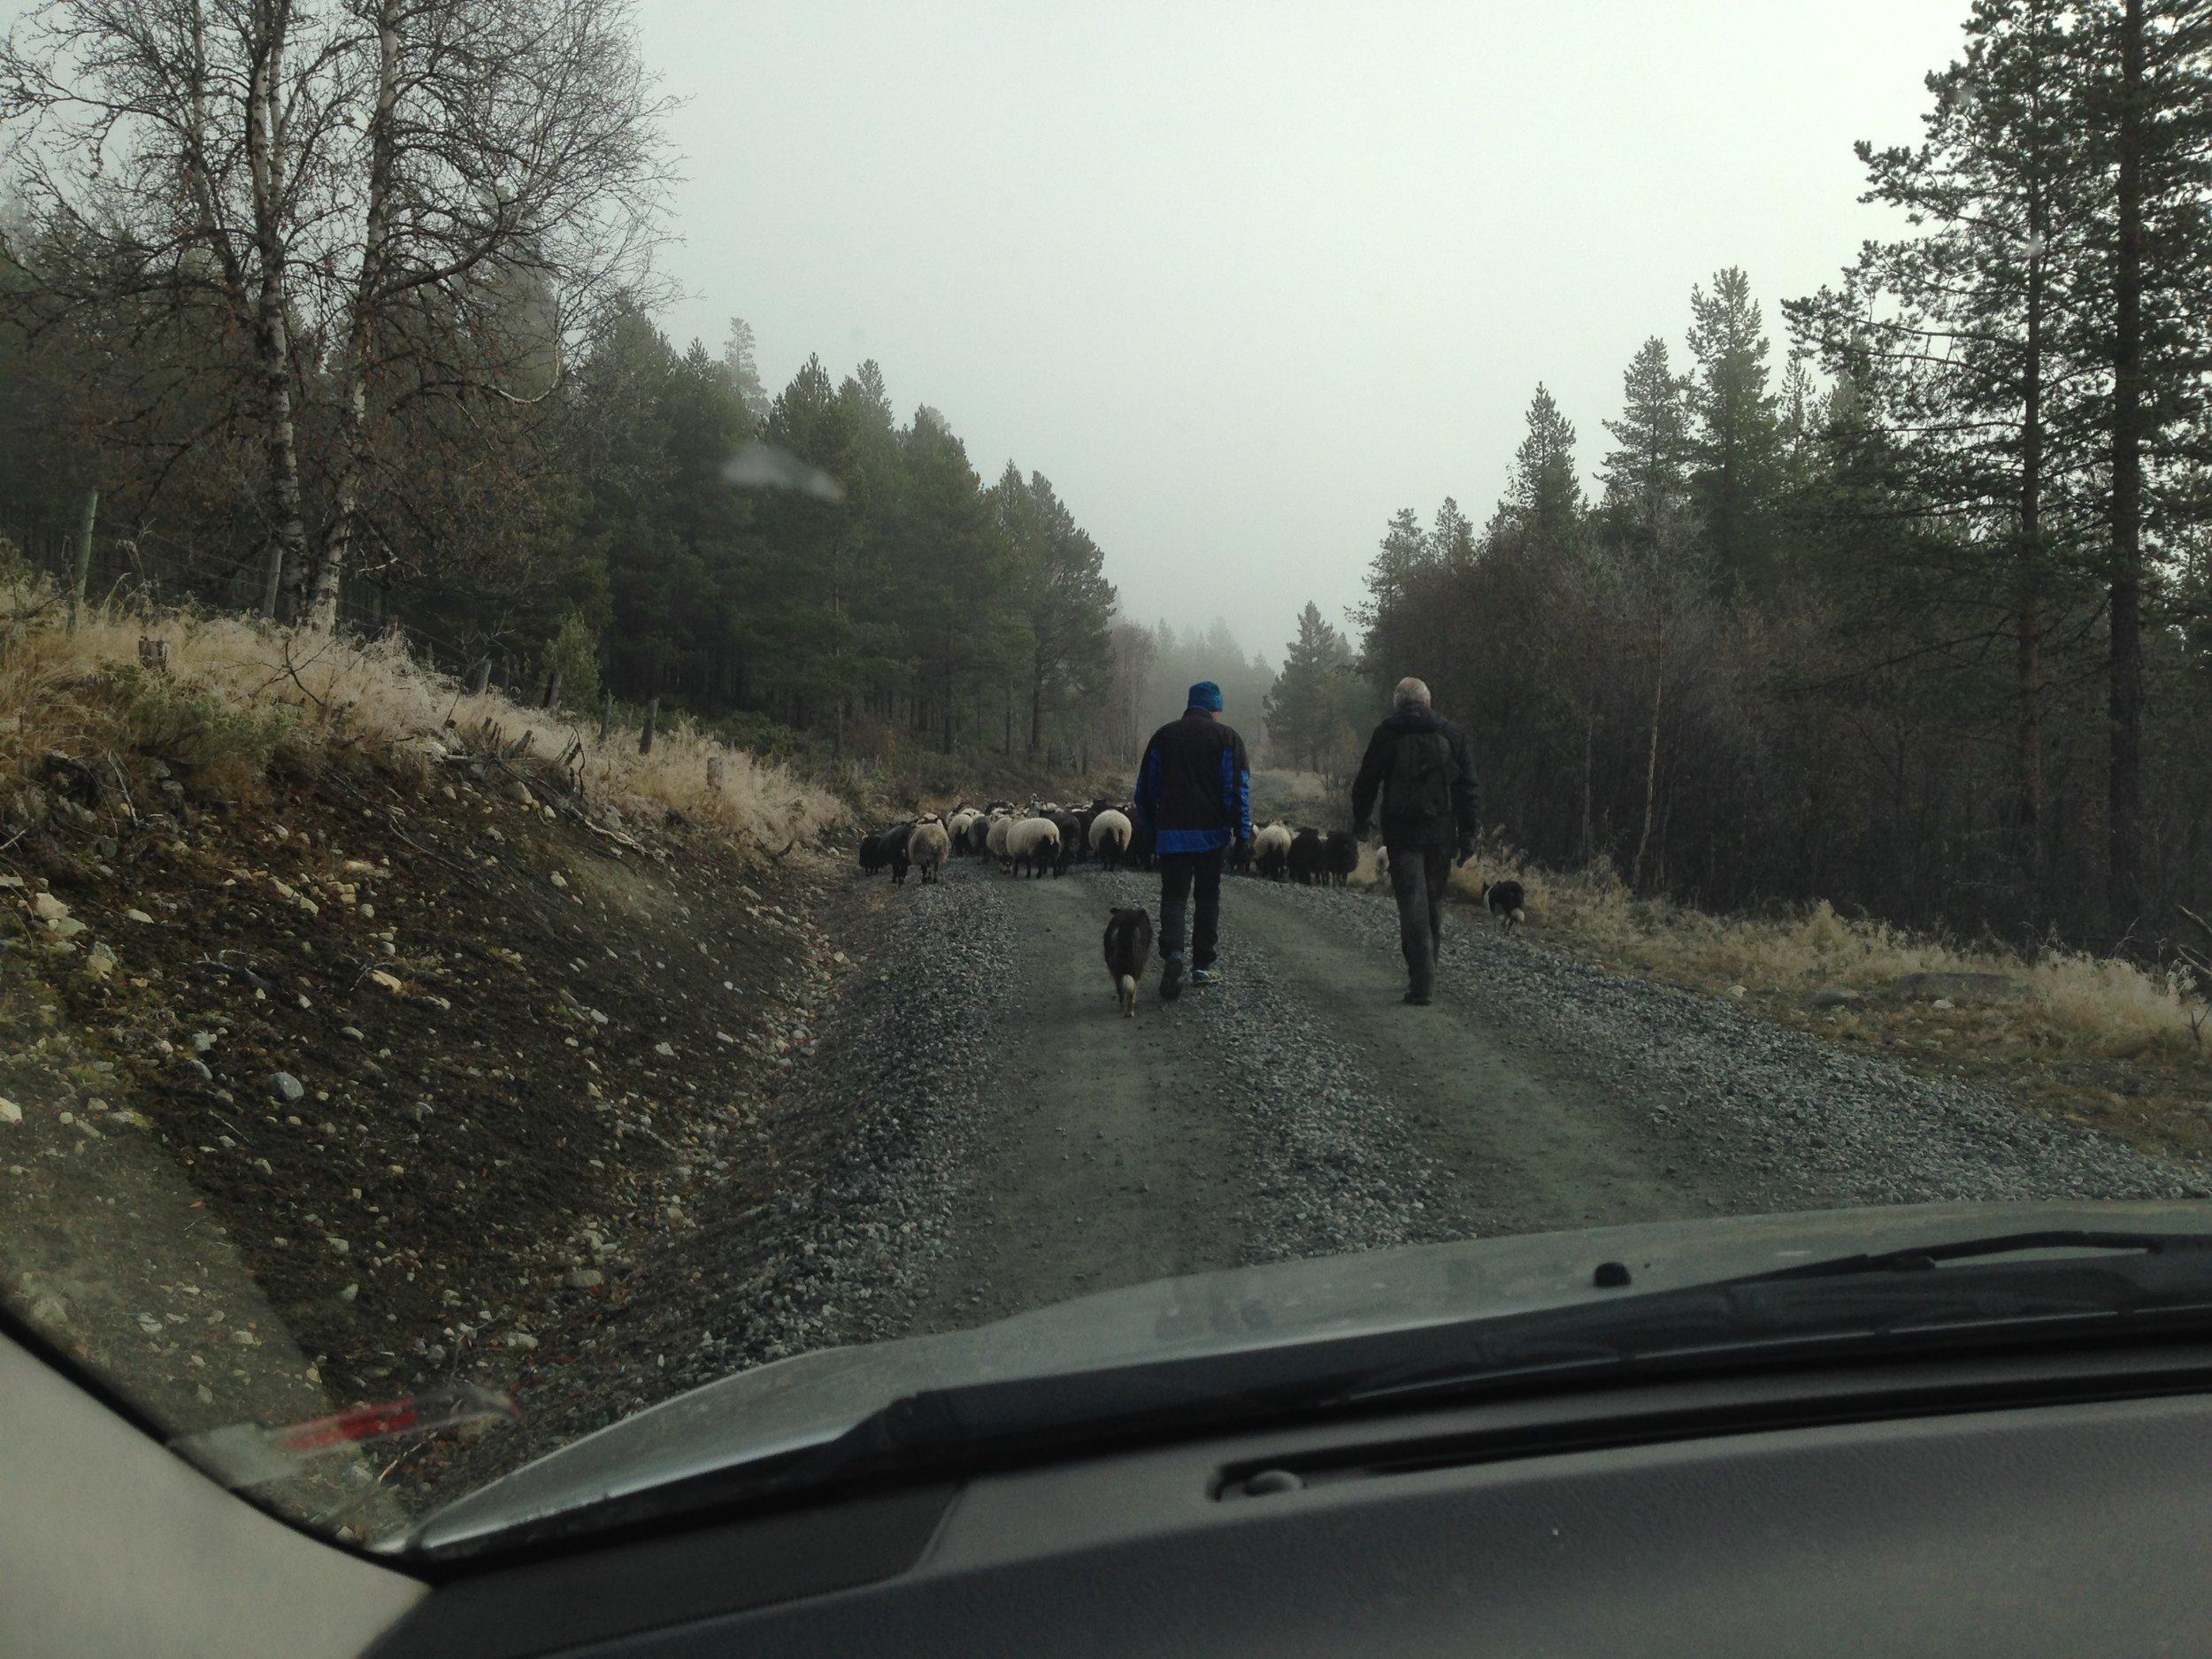 Og så er det på tur hjem til Lykkja etter noen flotte måneder i fjellet.